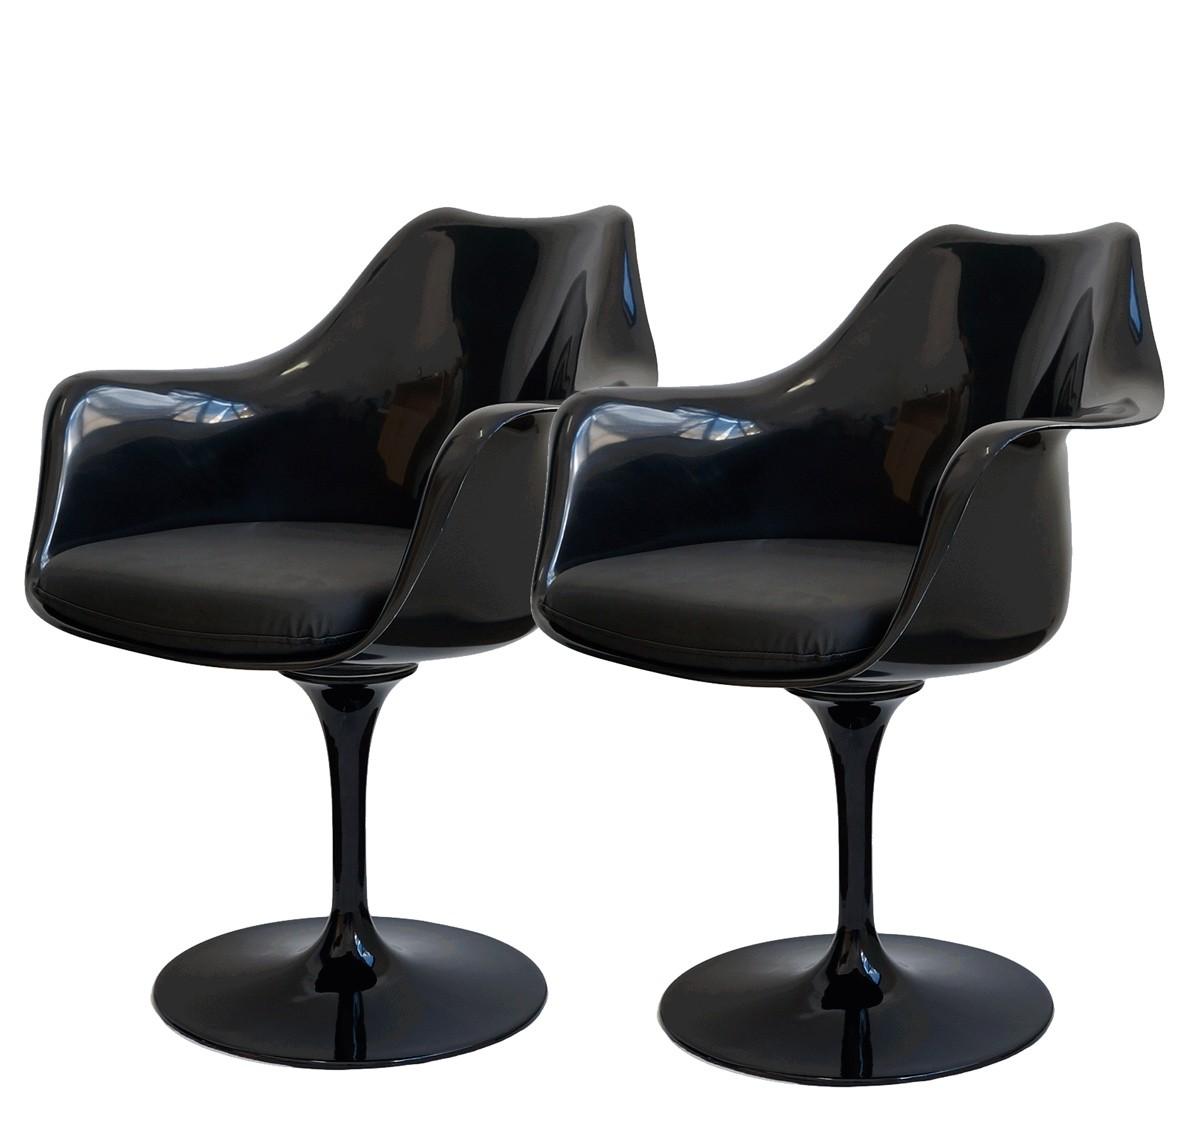 Kit 2x Cadeira Saarinen em ABS Preta com Braço e Base em Aluminio - Ponta de Estoque